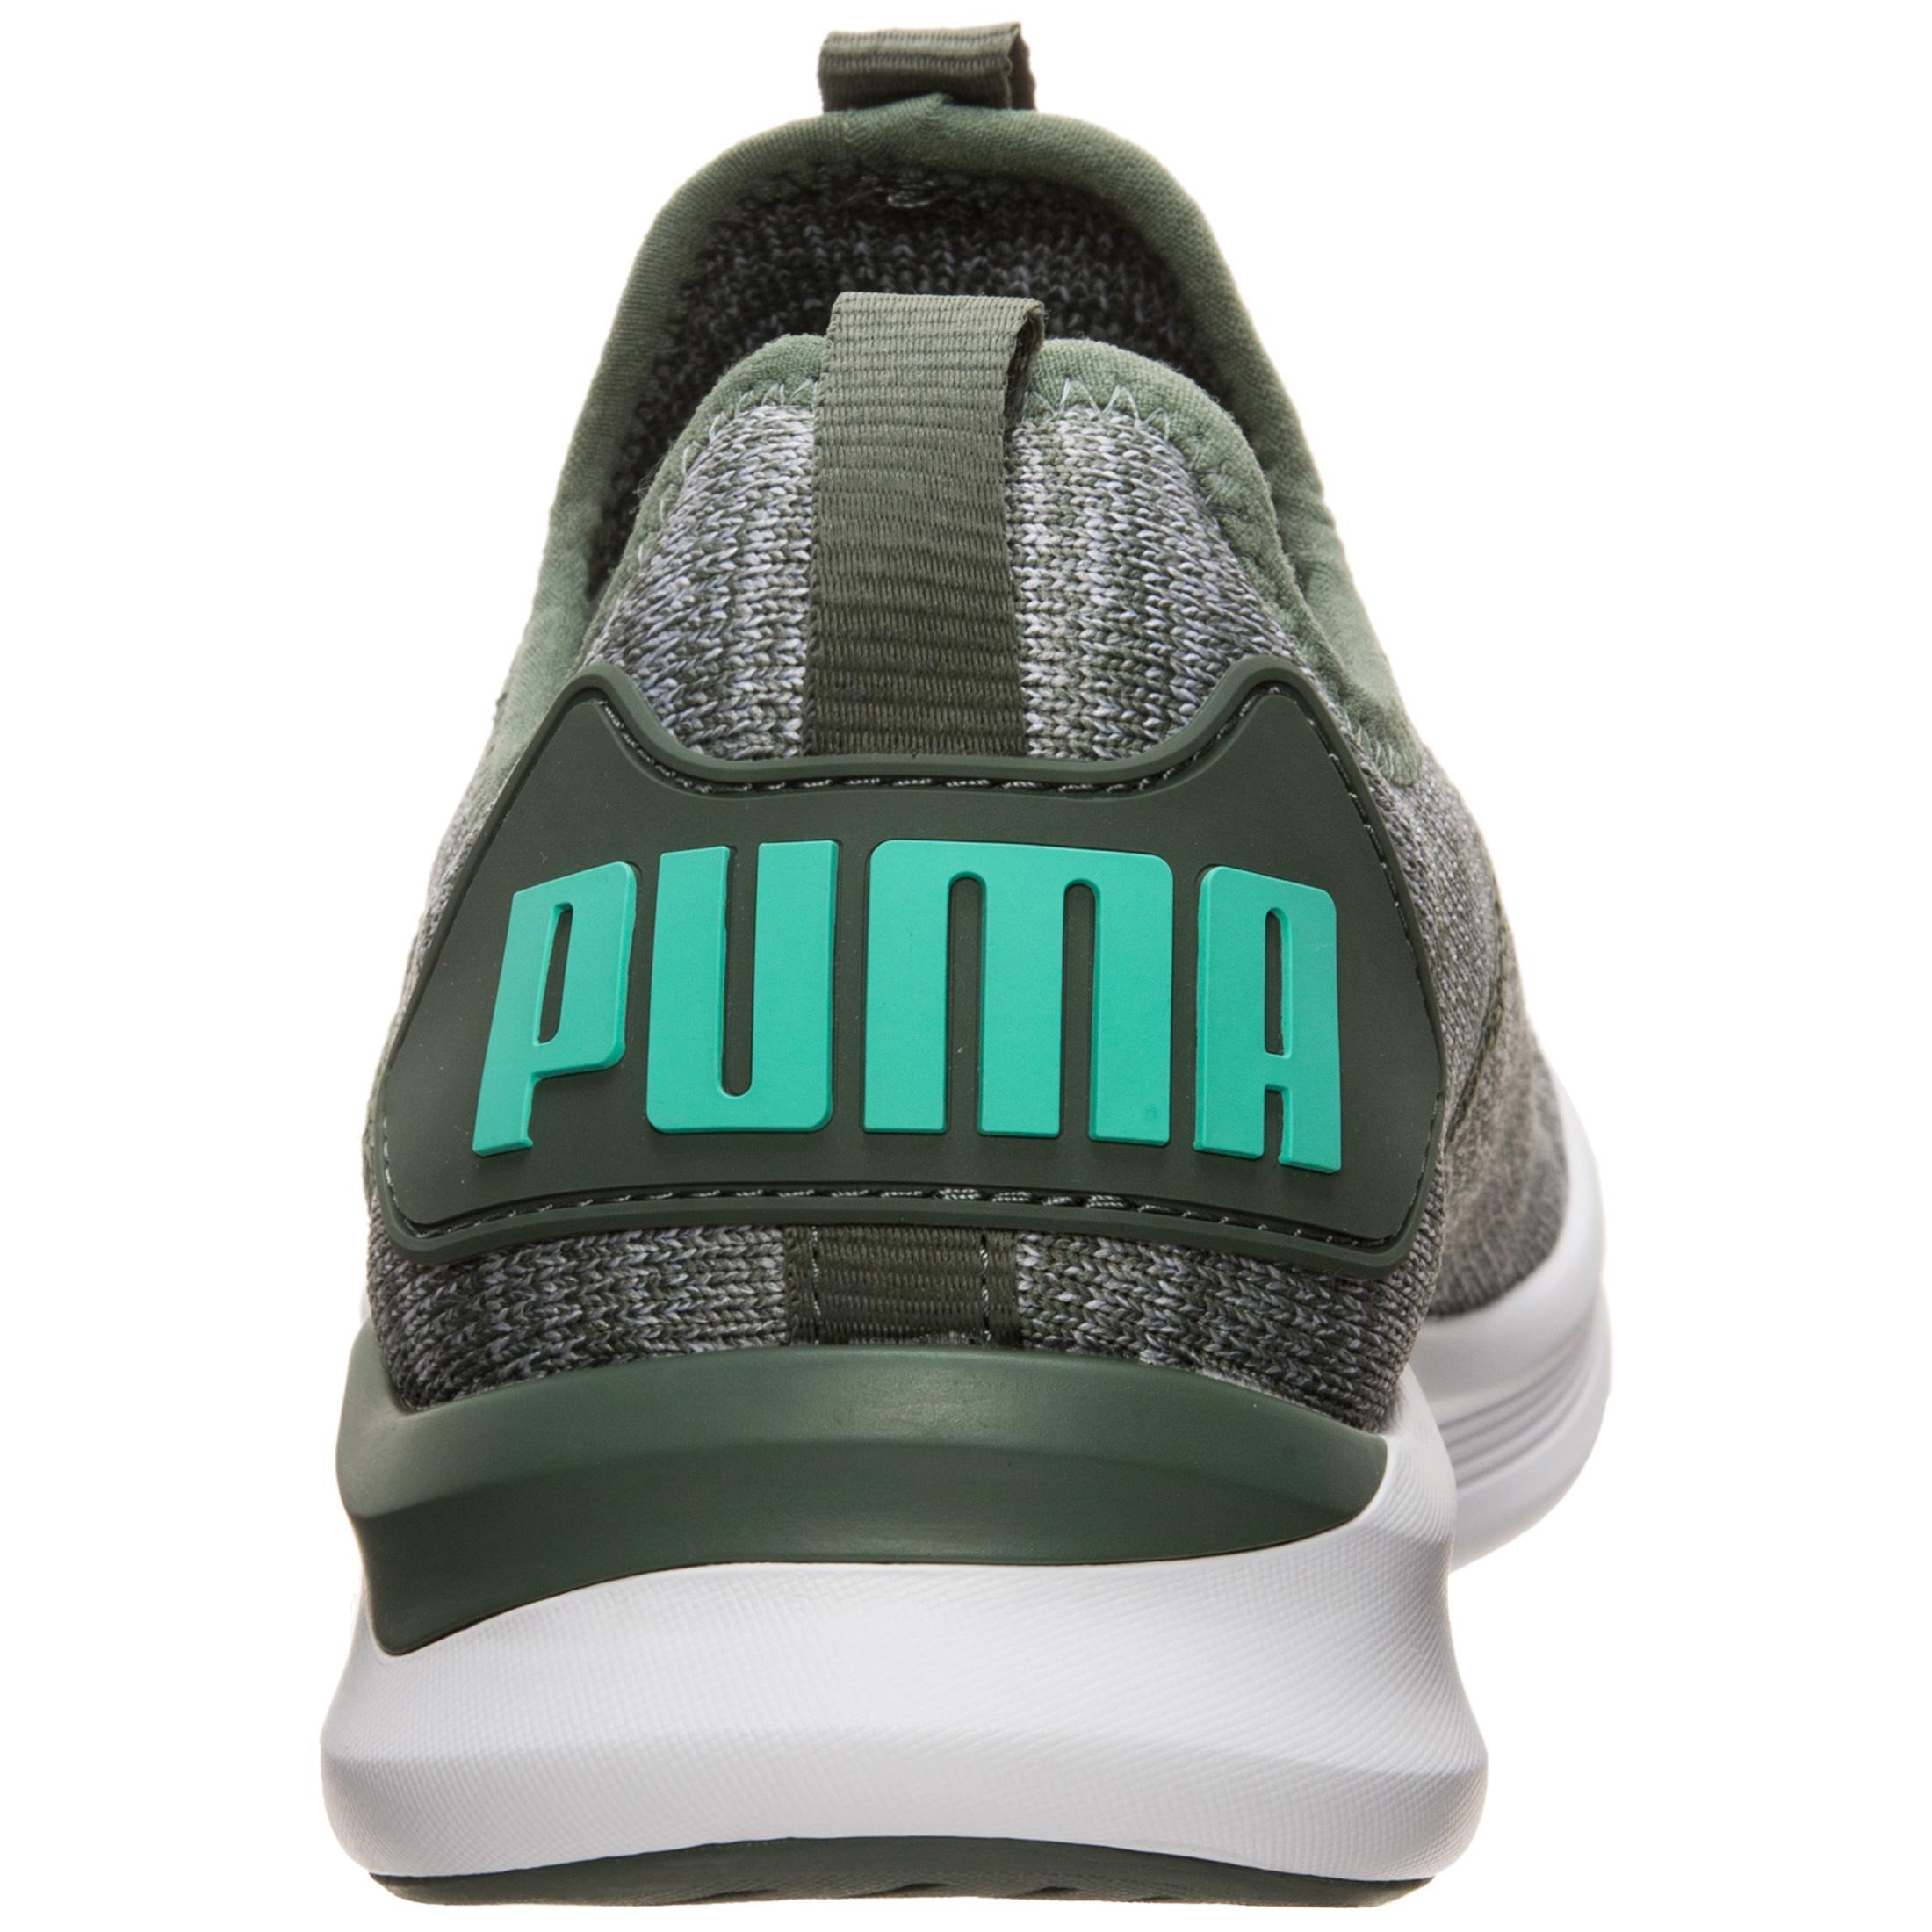 PUMA Ignite evoKNIT Flash evoKNIT Ignite Turnschuhe Damen grün   weiß im Online Shop von SportScheck kaufen Gute Qualität beliebte Schuhe fdfe13